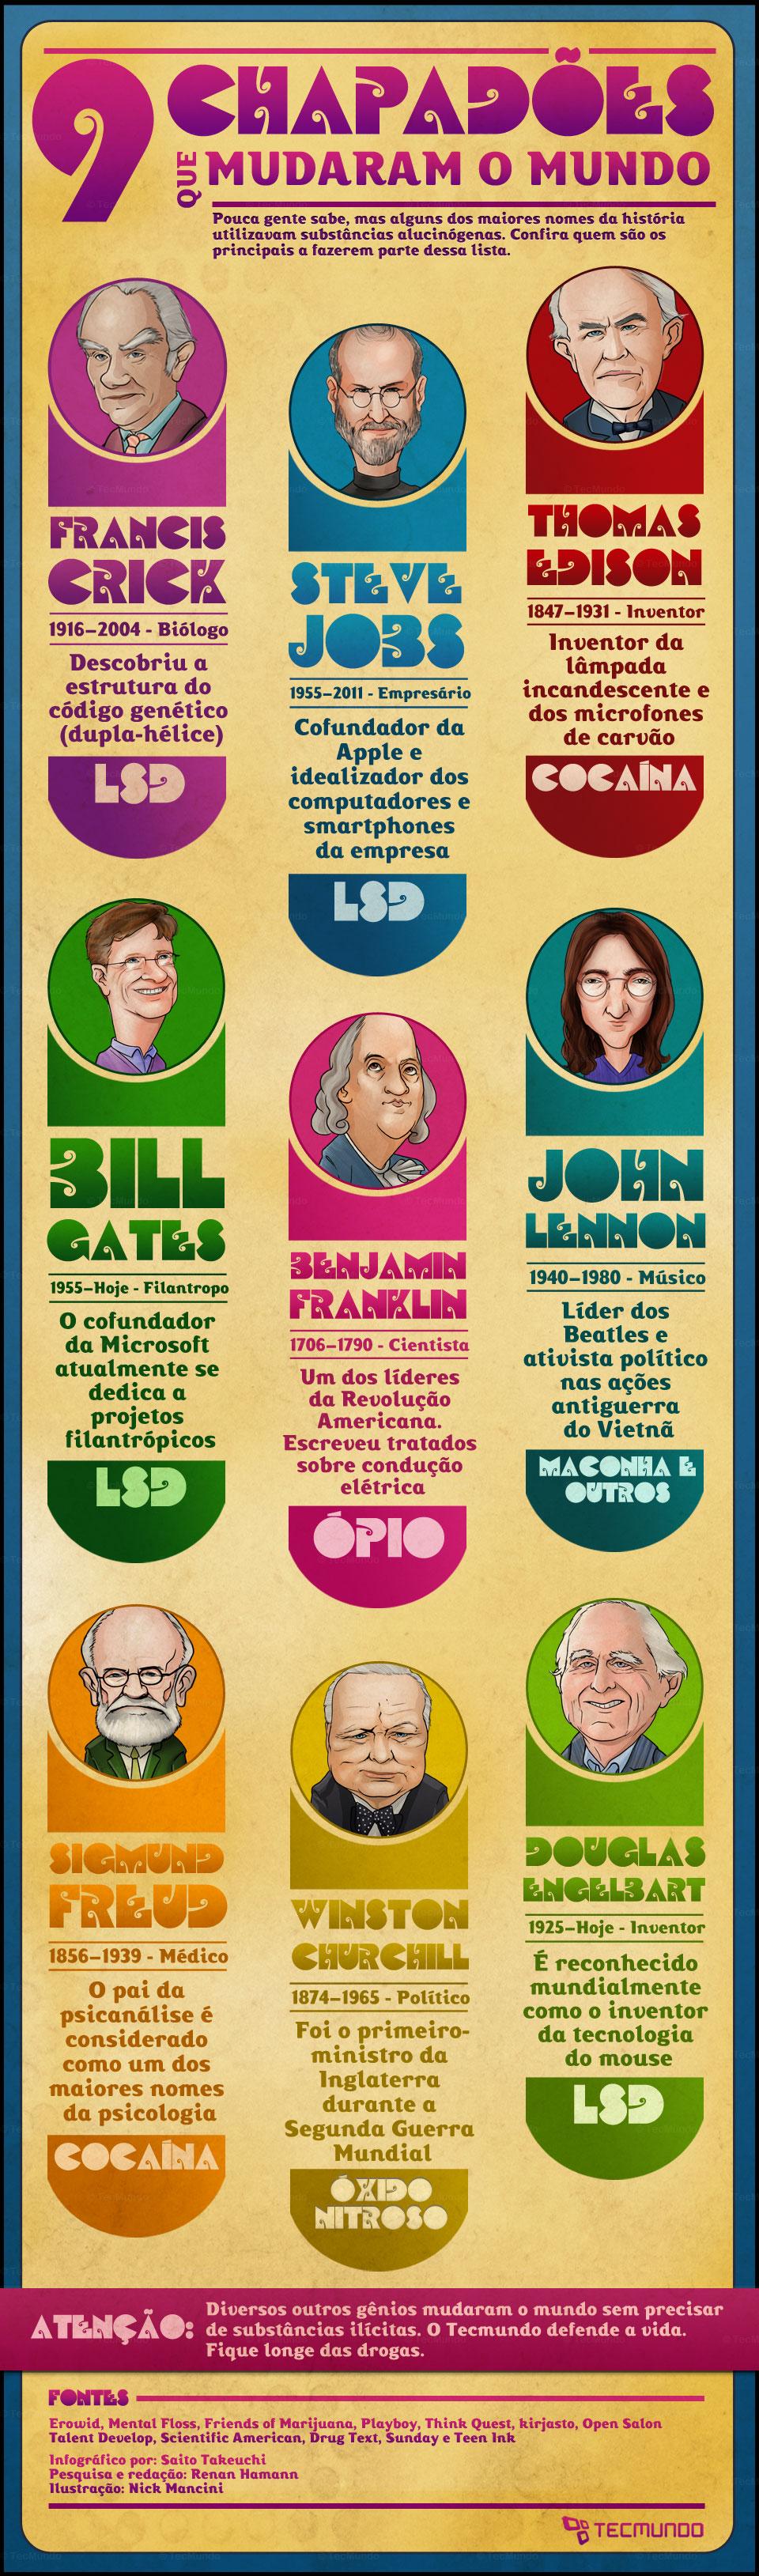 9 gênios chapadões que mudaram o mundo [infográfico]